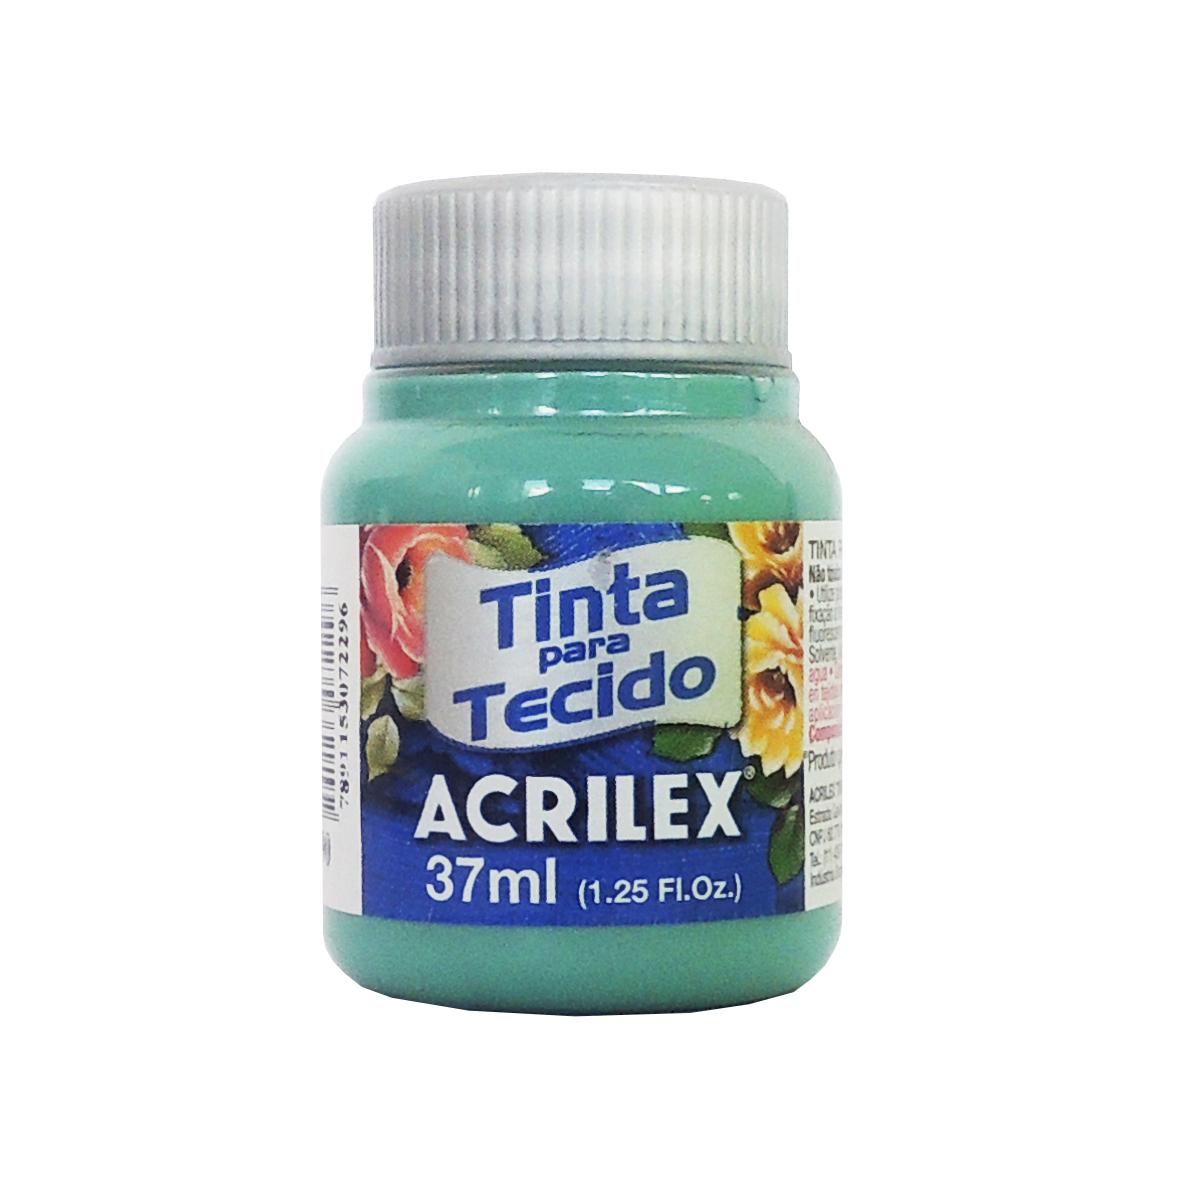 tinta-para-tecido-acrilex-37ml-990-menta